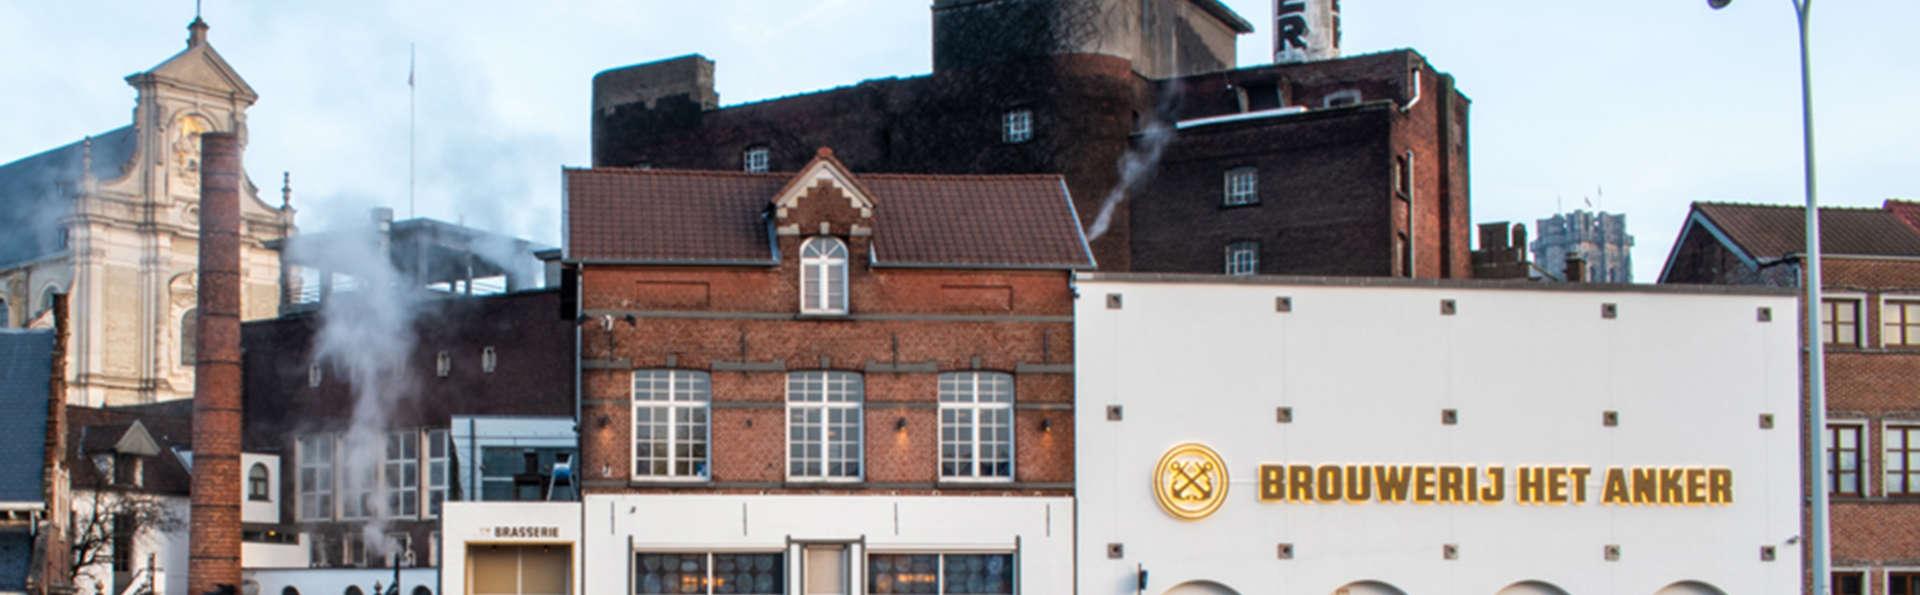 Hotel Brouwerij Het Anker - EDIT_HOTEL_BROUWERIJ_HET_ANKER_2.jpg